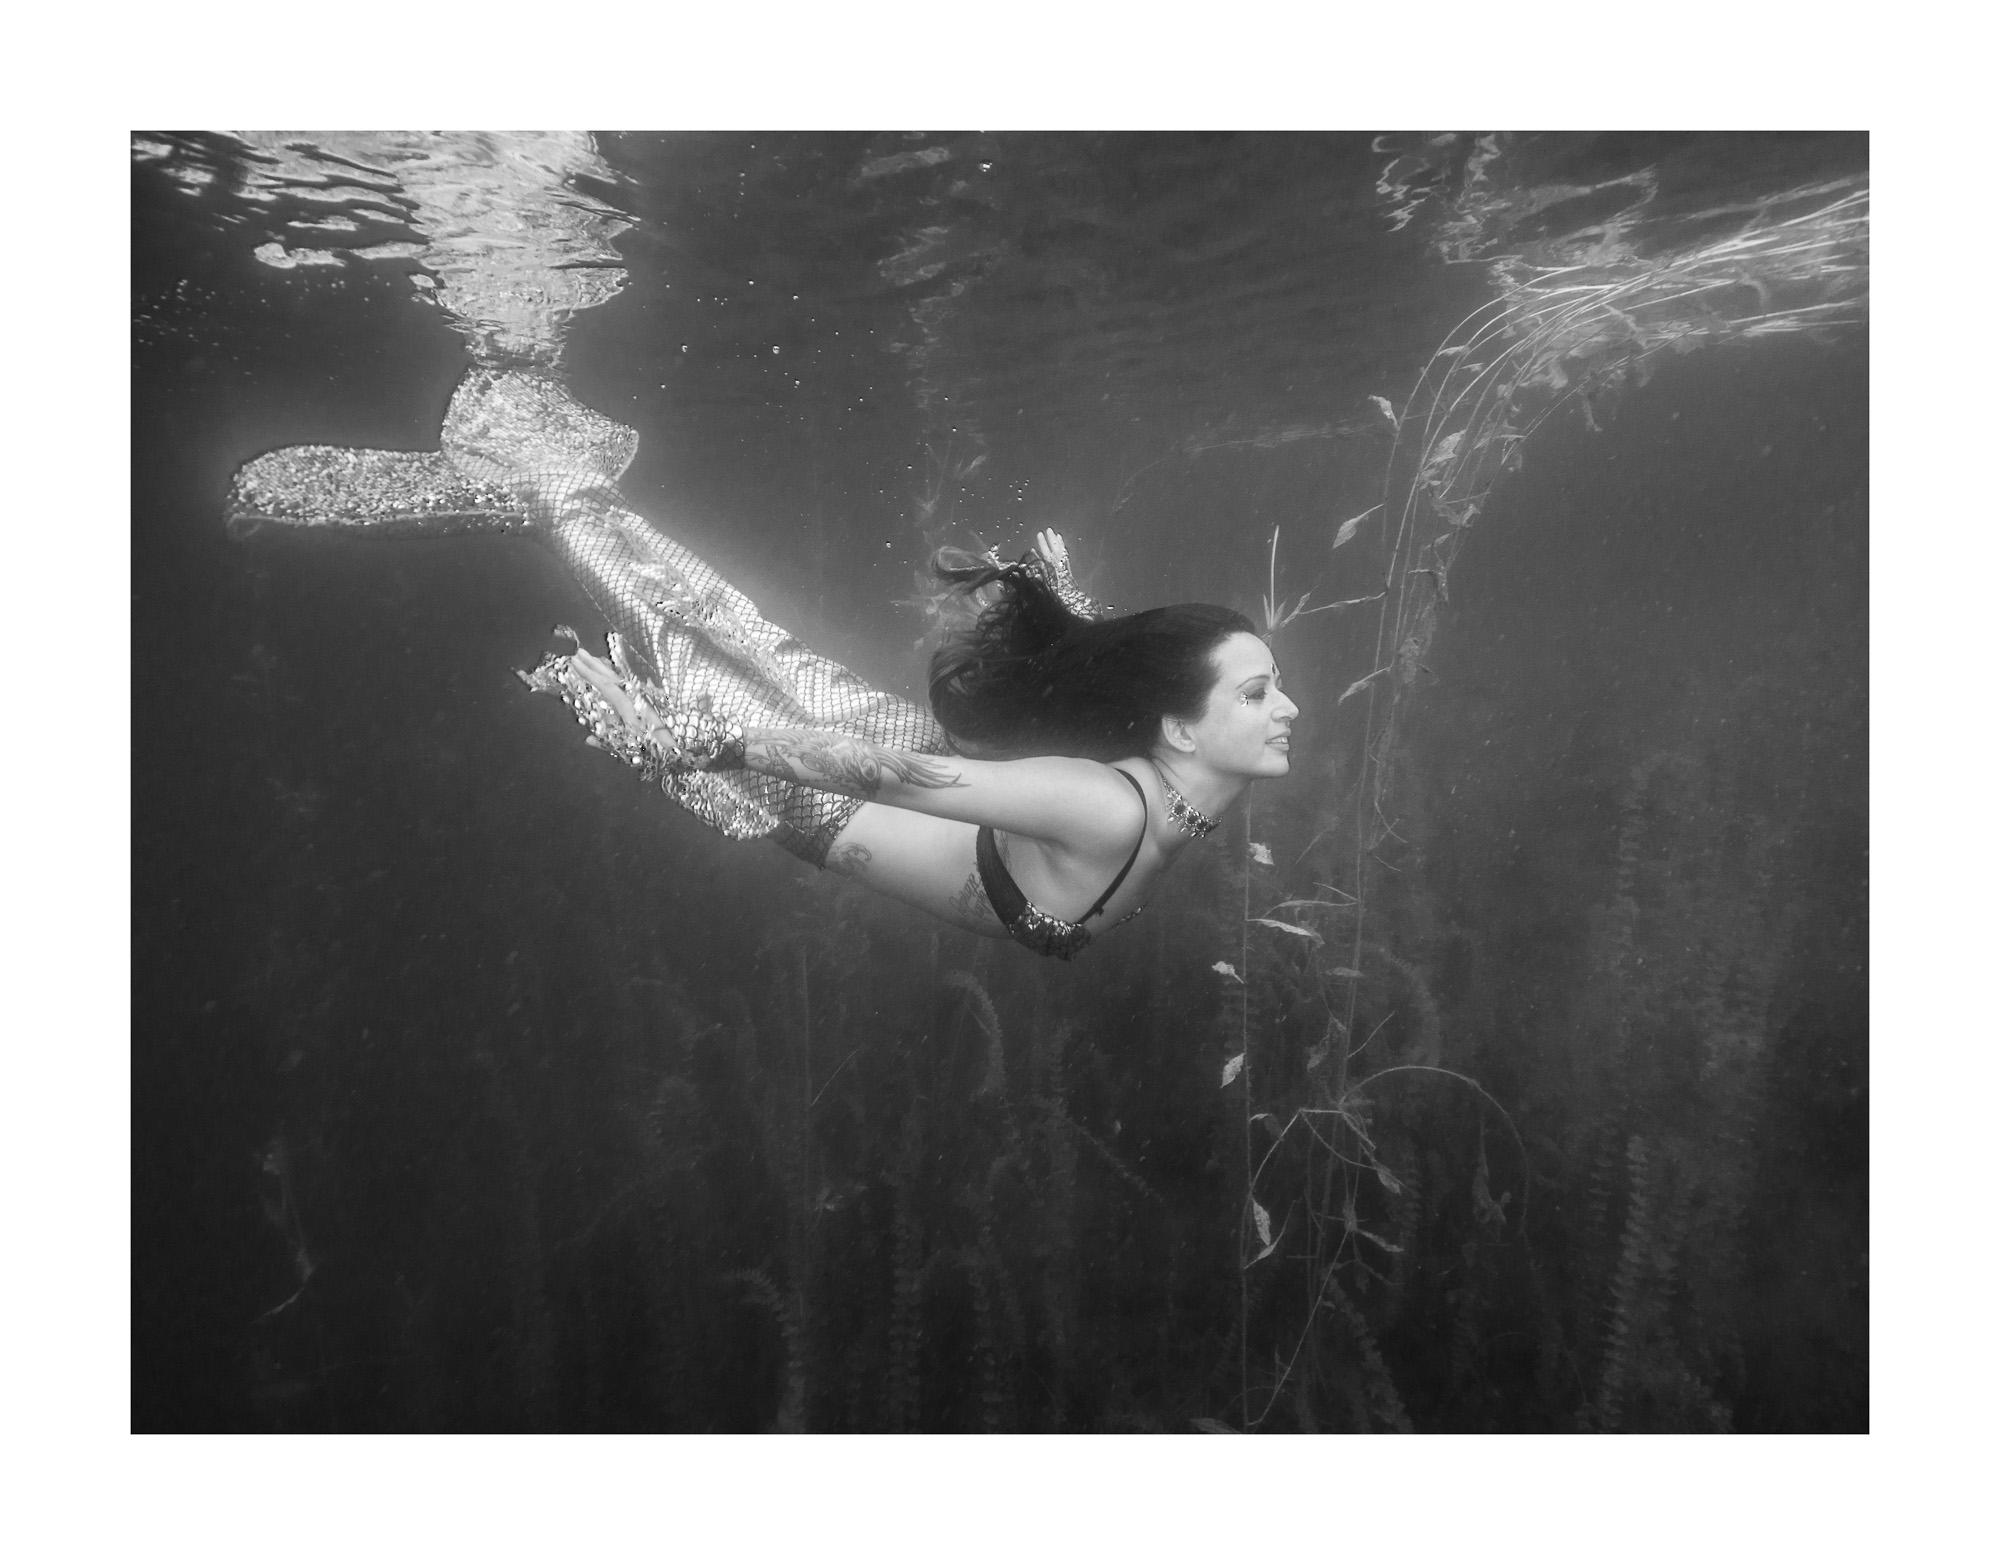 Mermaid Meelyn